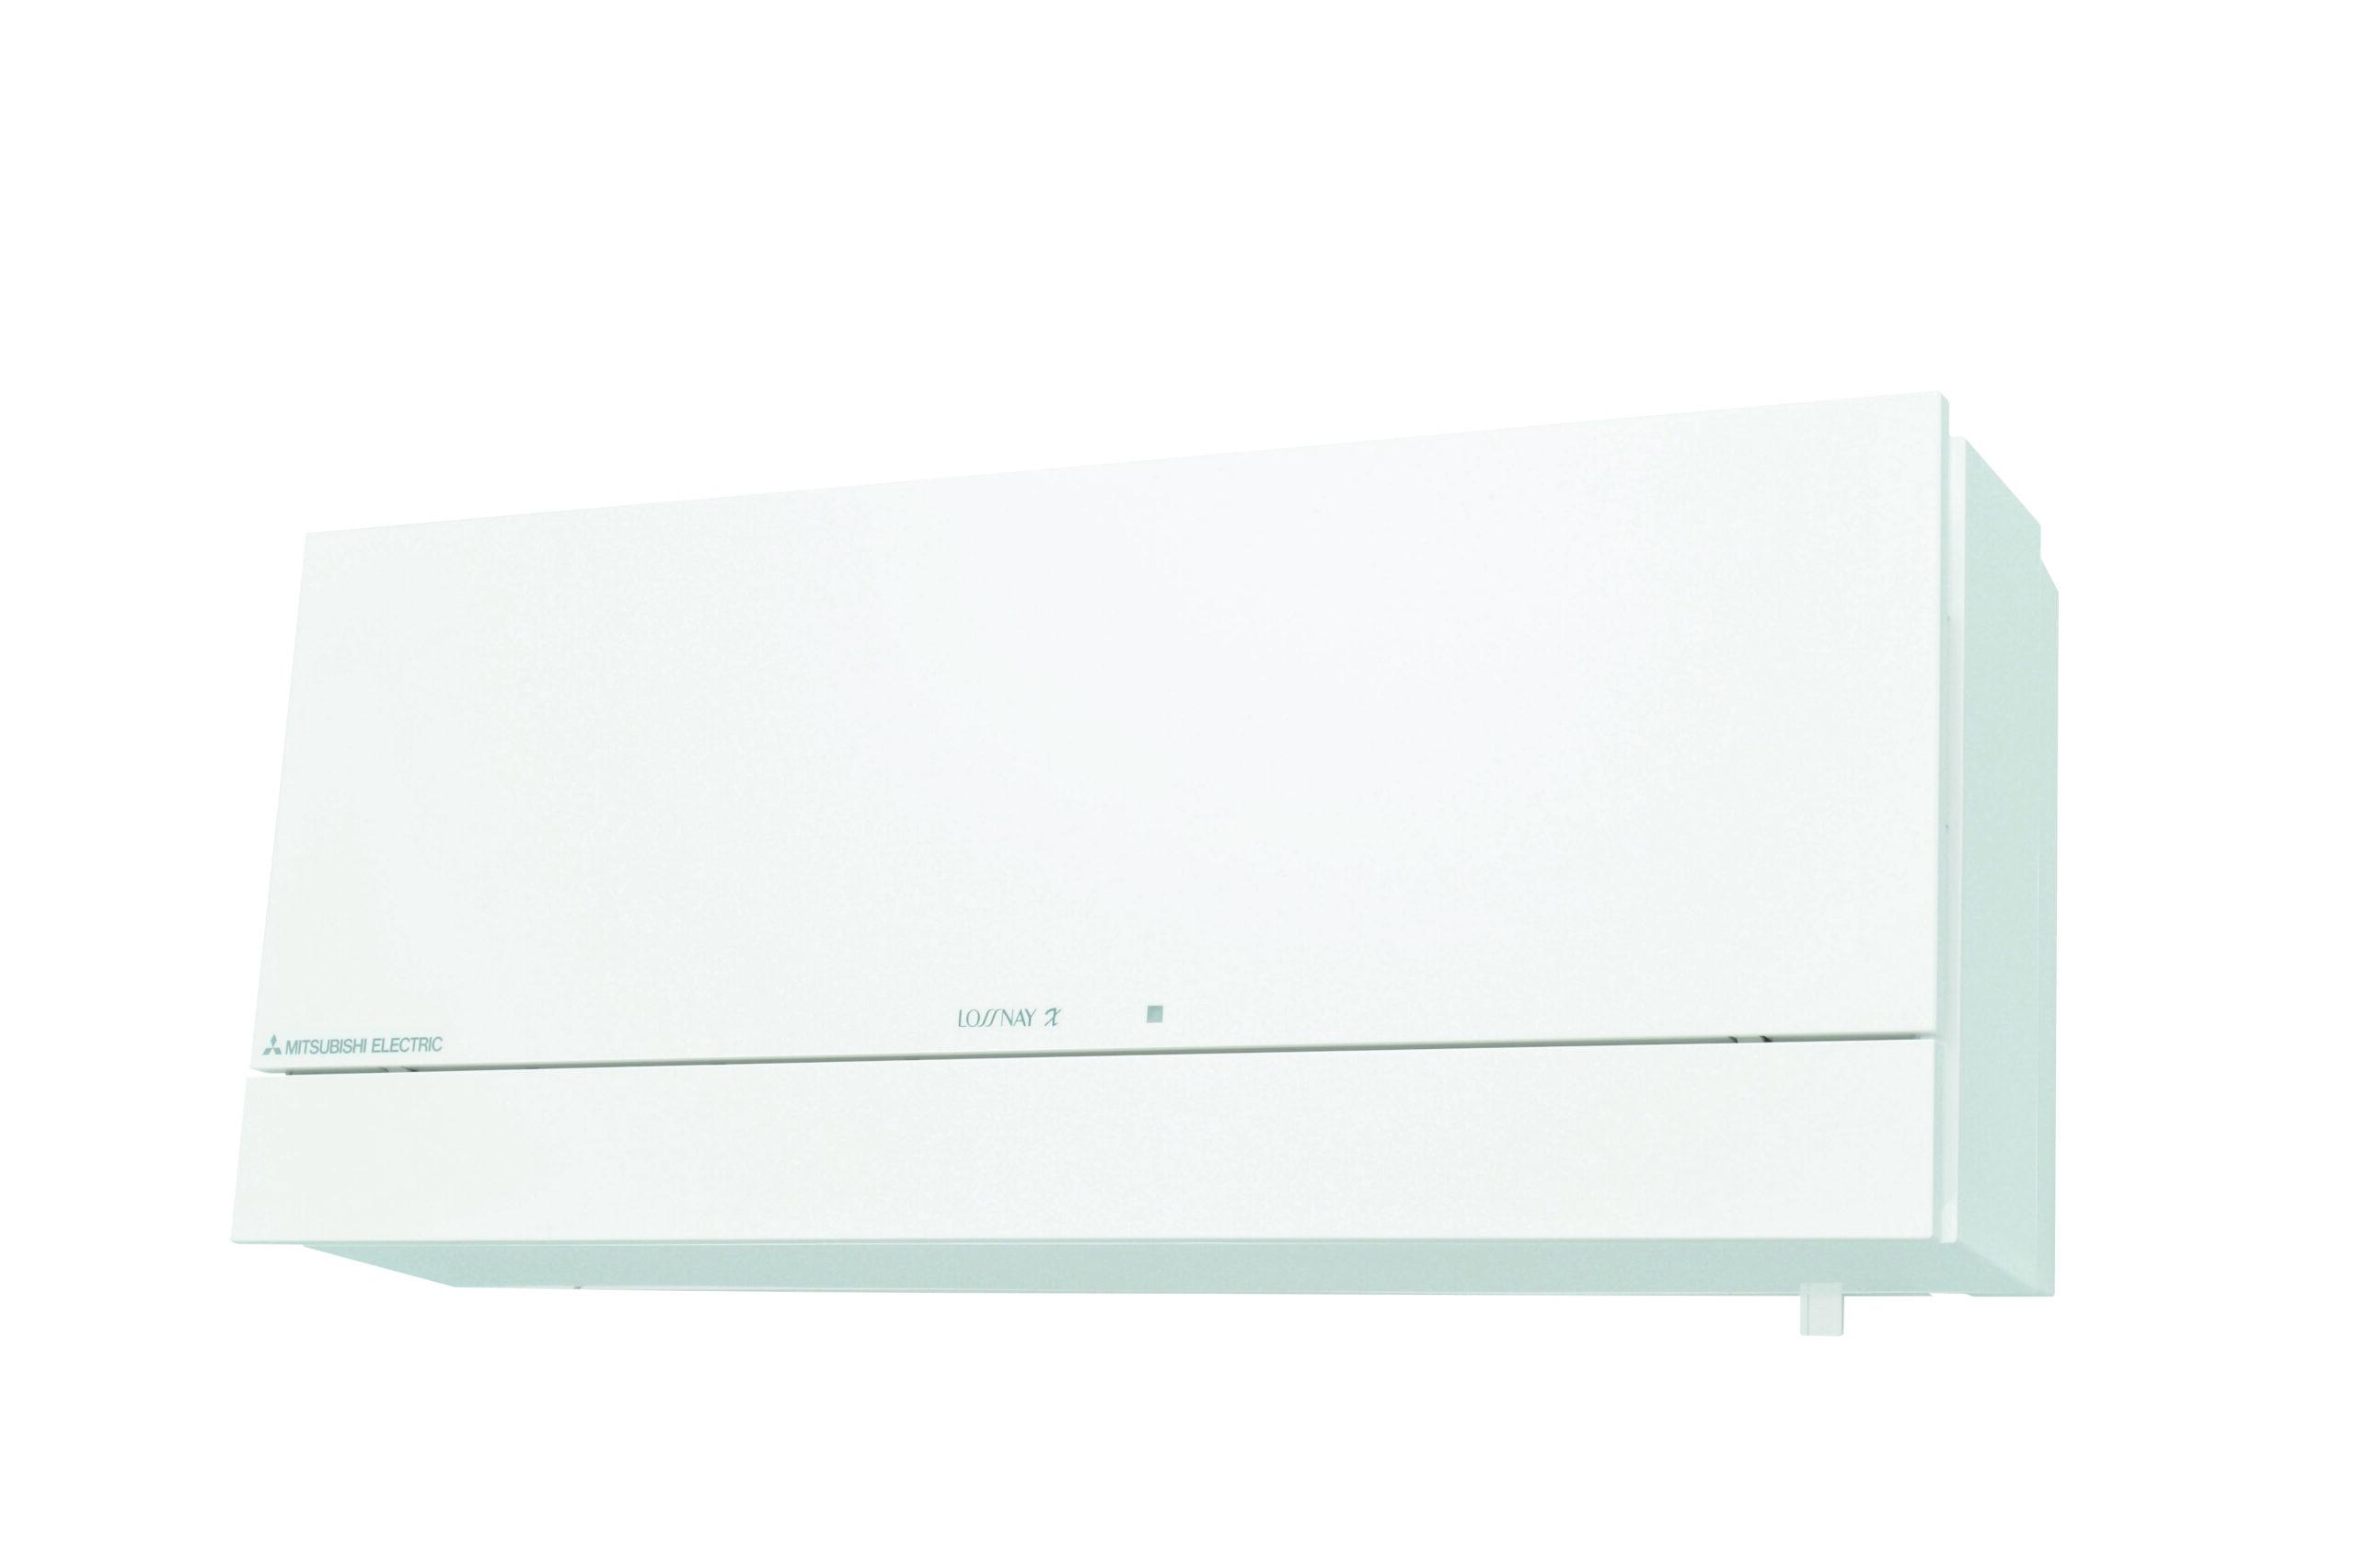 Mitsubishi-Electric_VL-100EU5-E_1